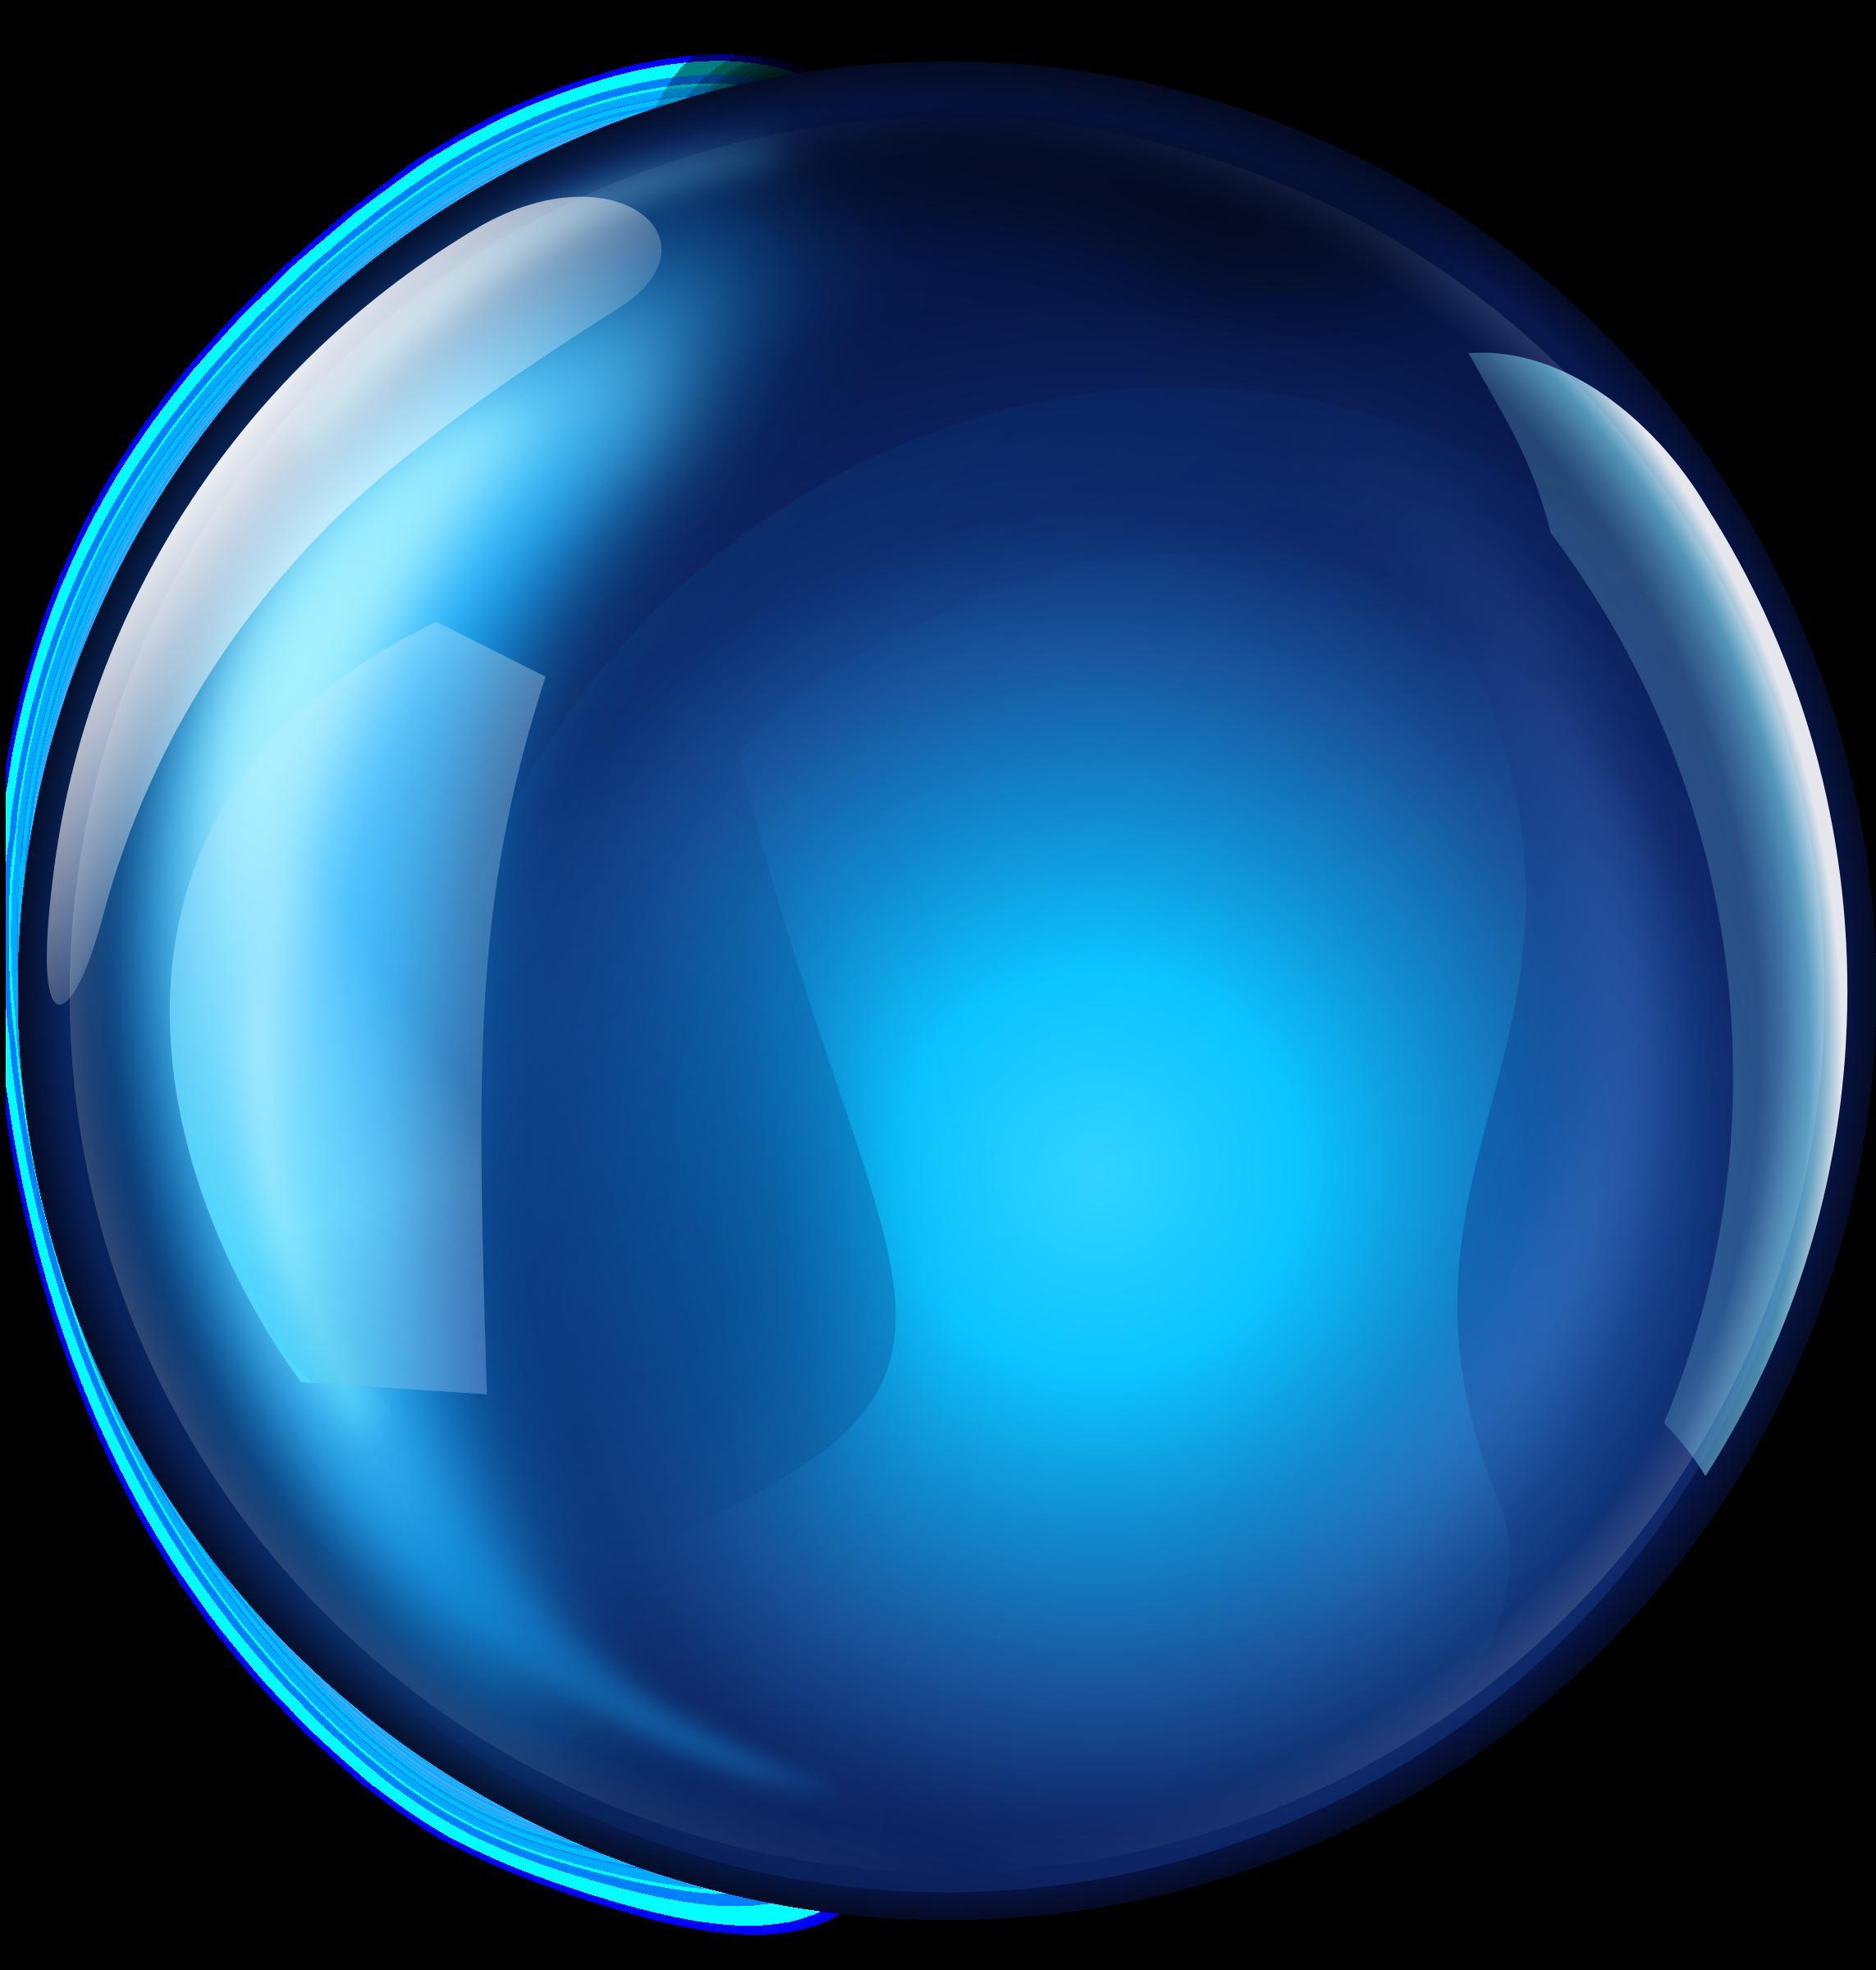 PNG Sphere - 86473